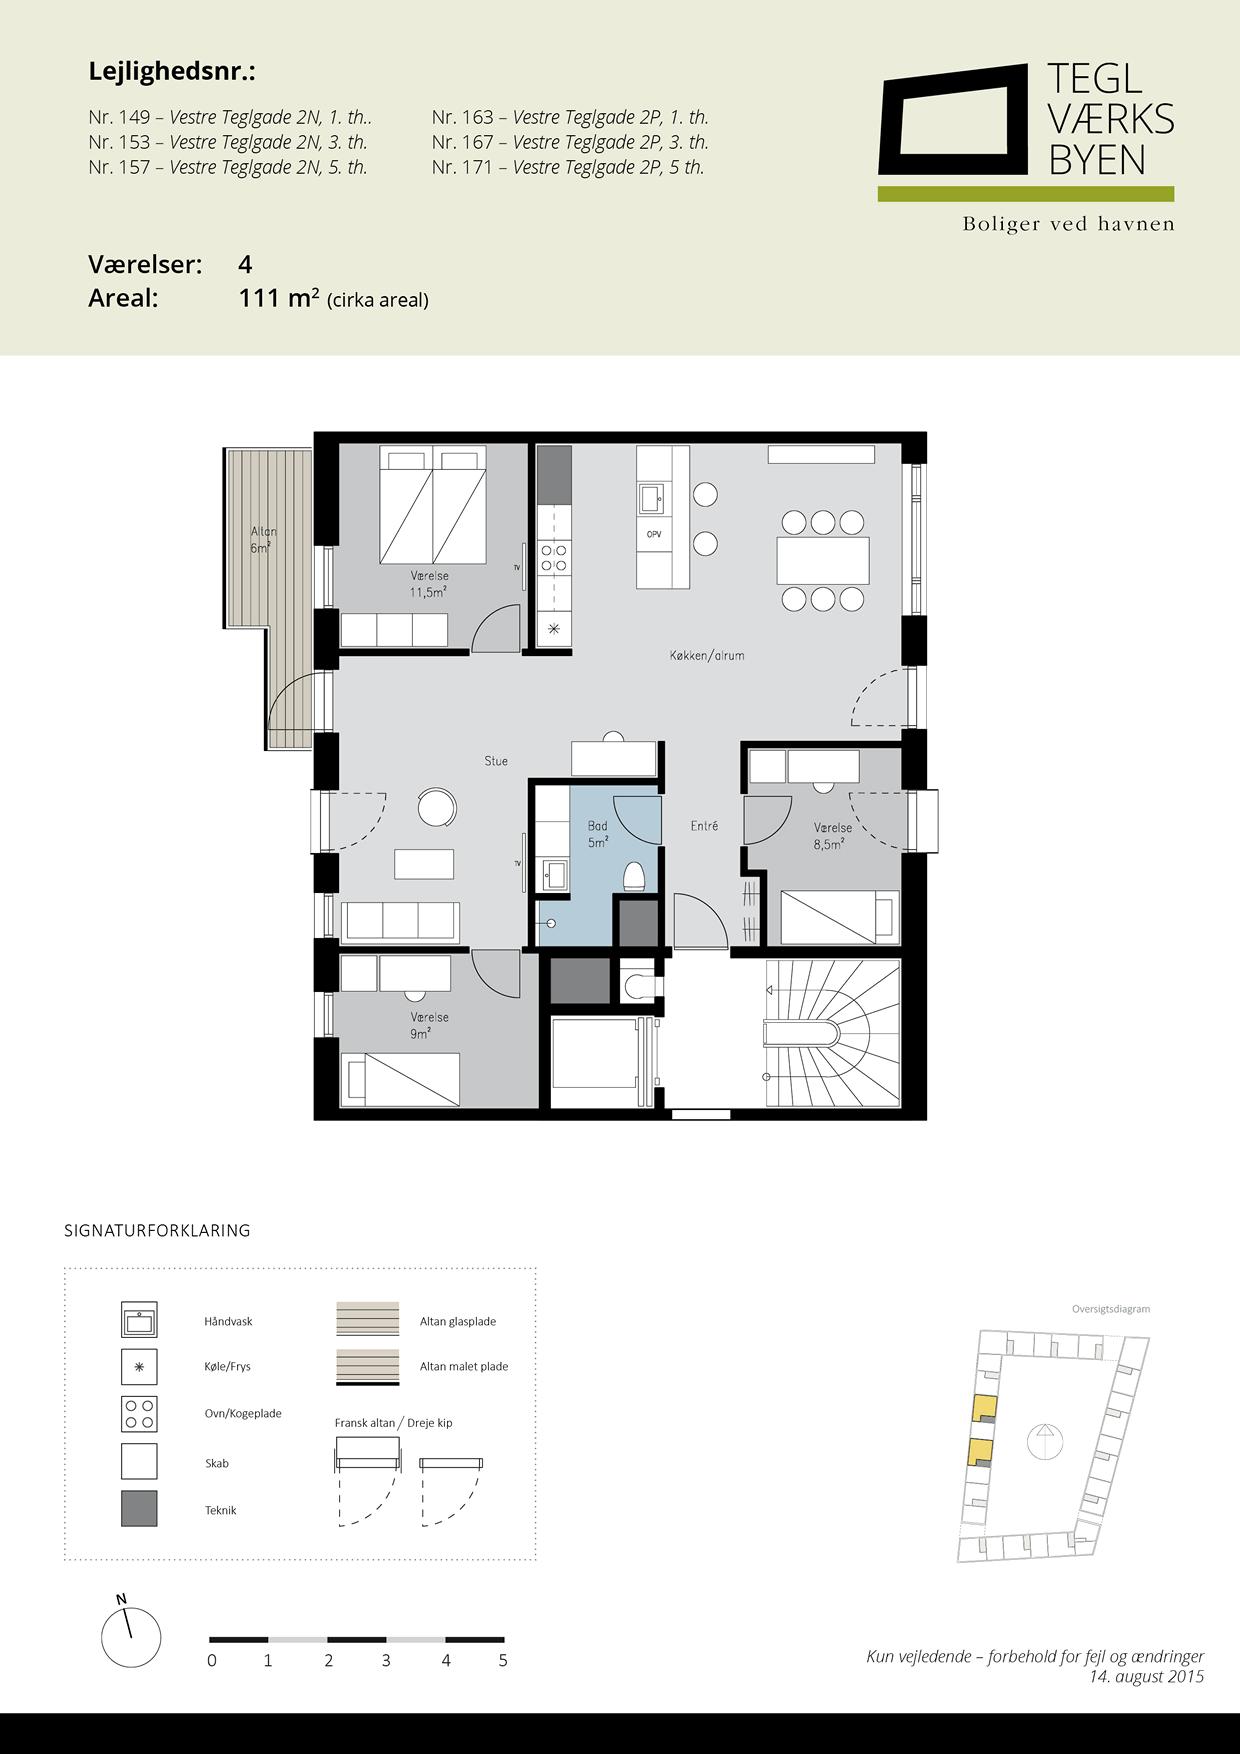 Teglvaerksbyen_149-153-157-163-167-171_plan